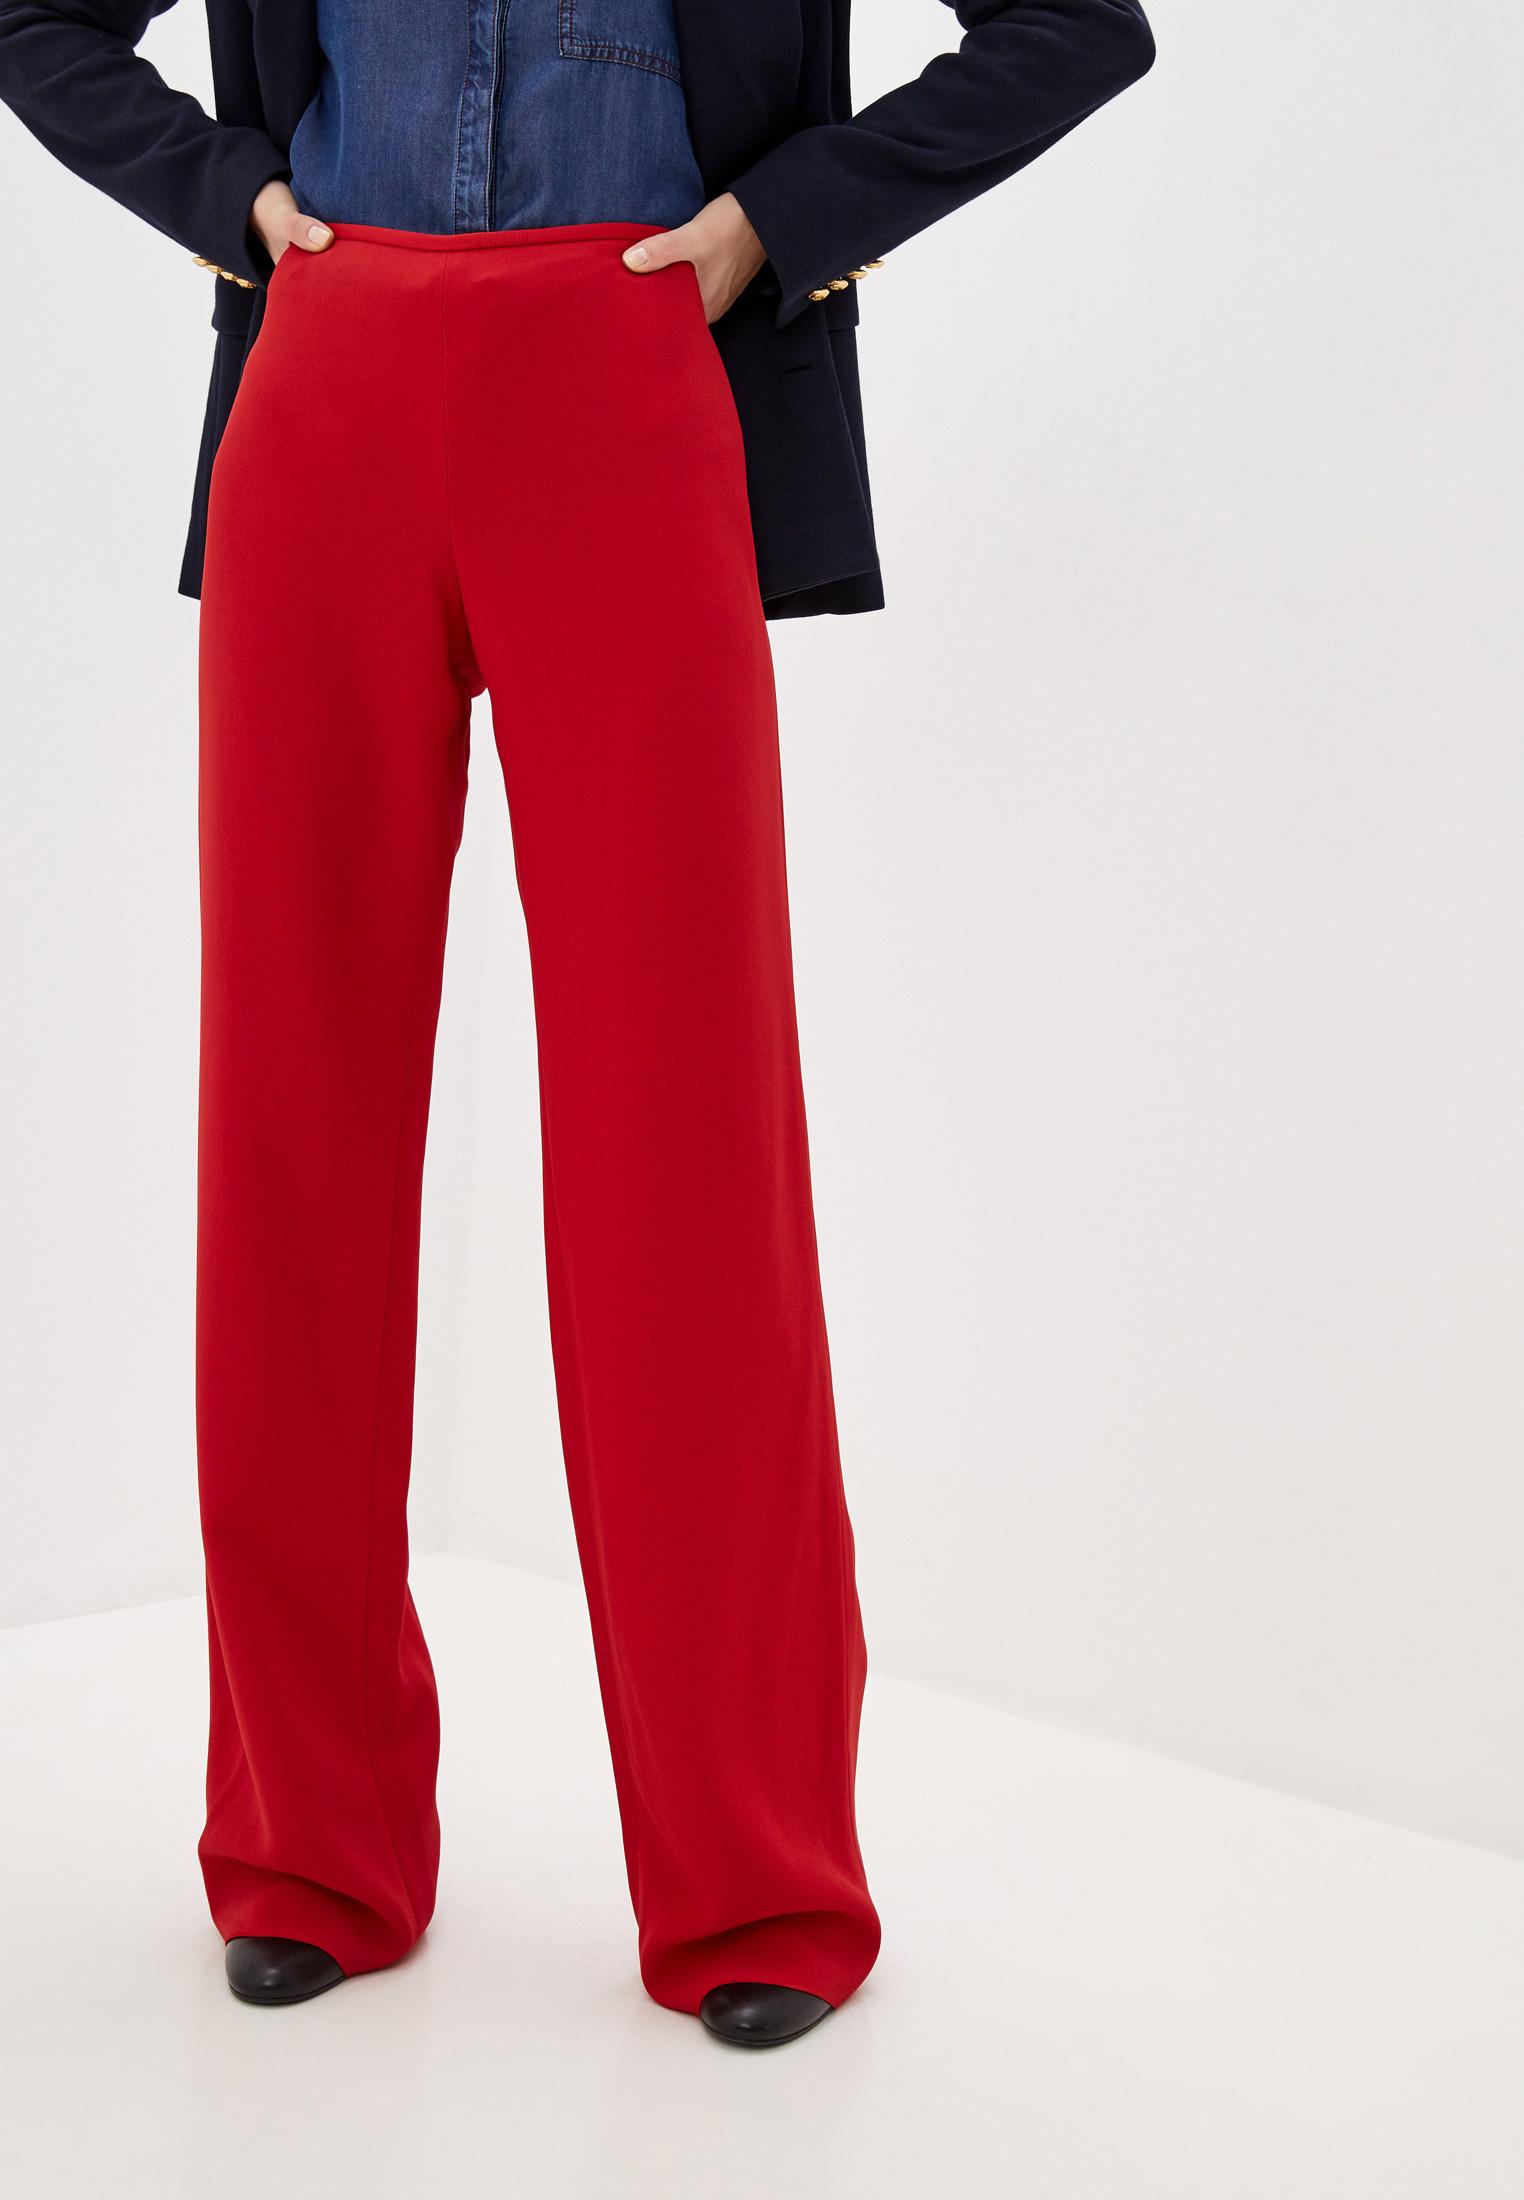 большинстве ситуаций красные брюки женские фото них много